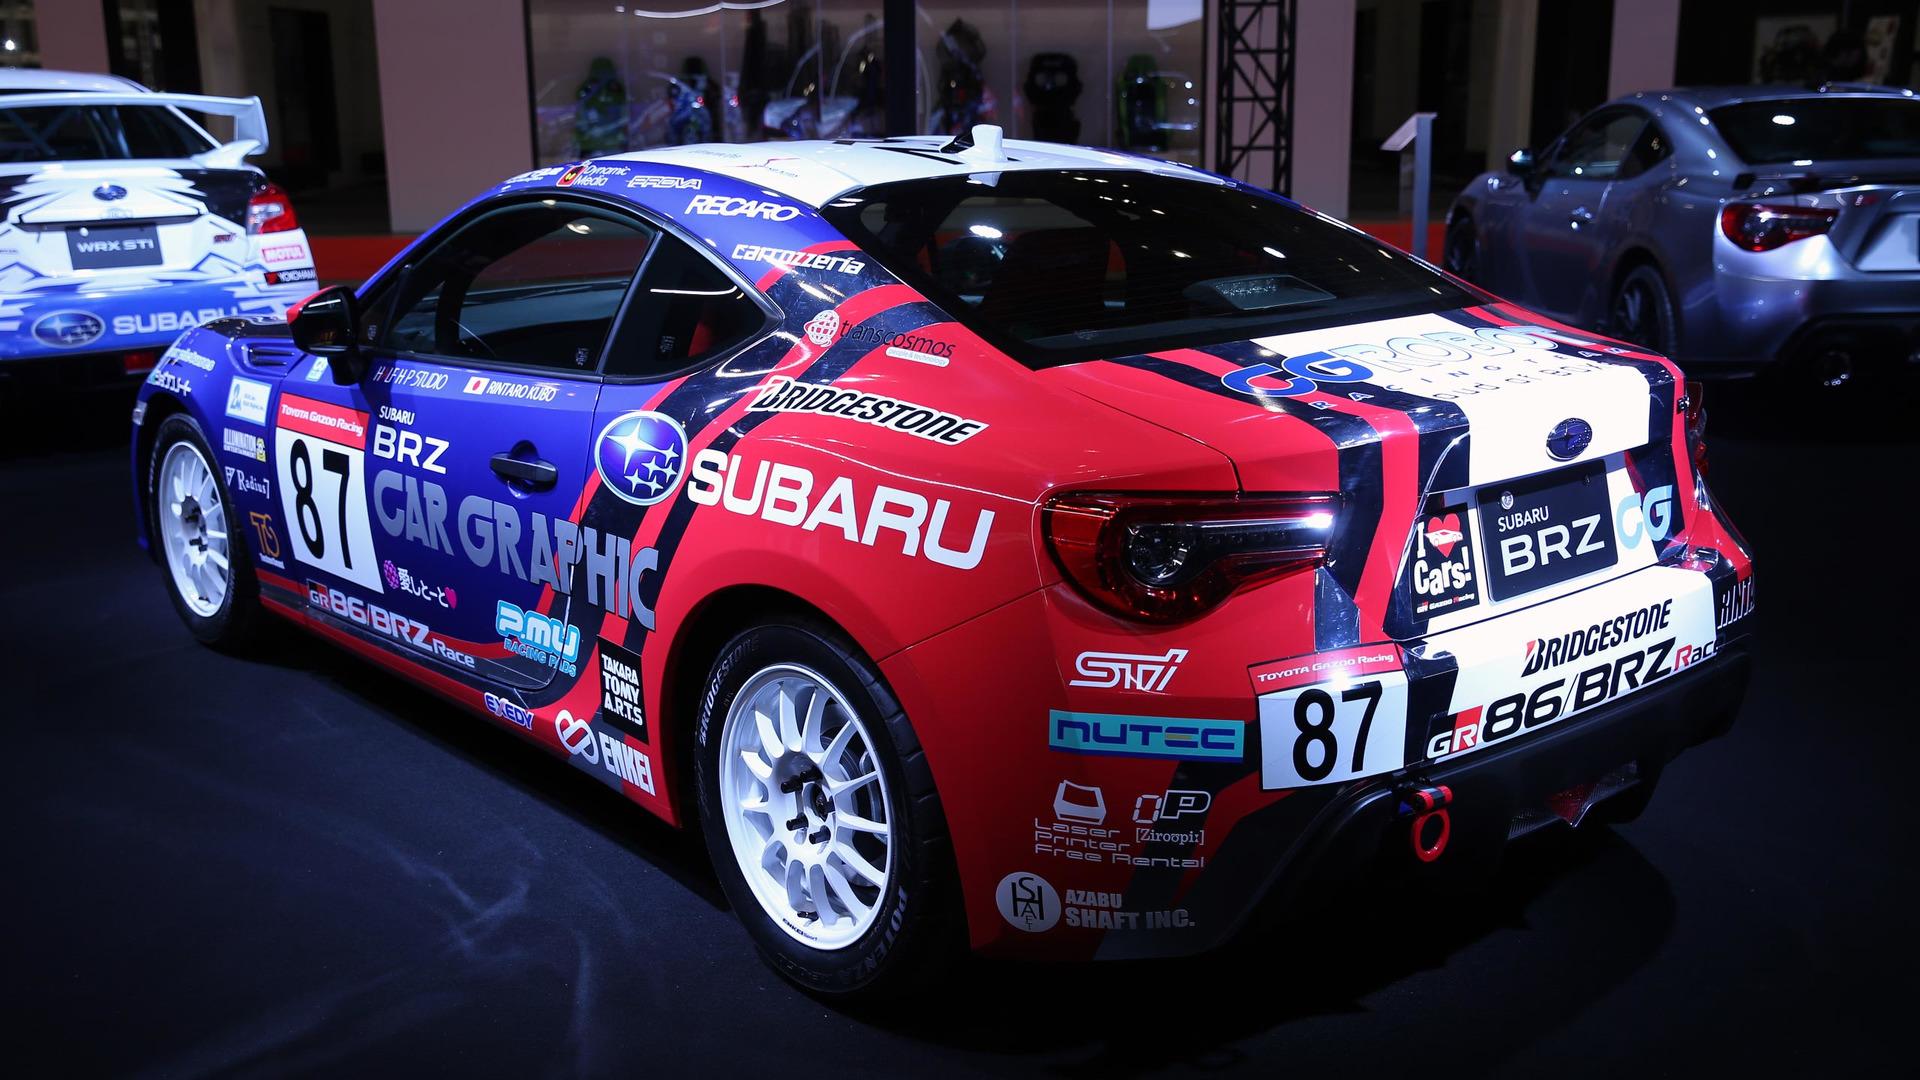 Subaru_2017_Tokyo_Auto_Salon_51